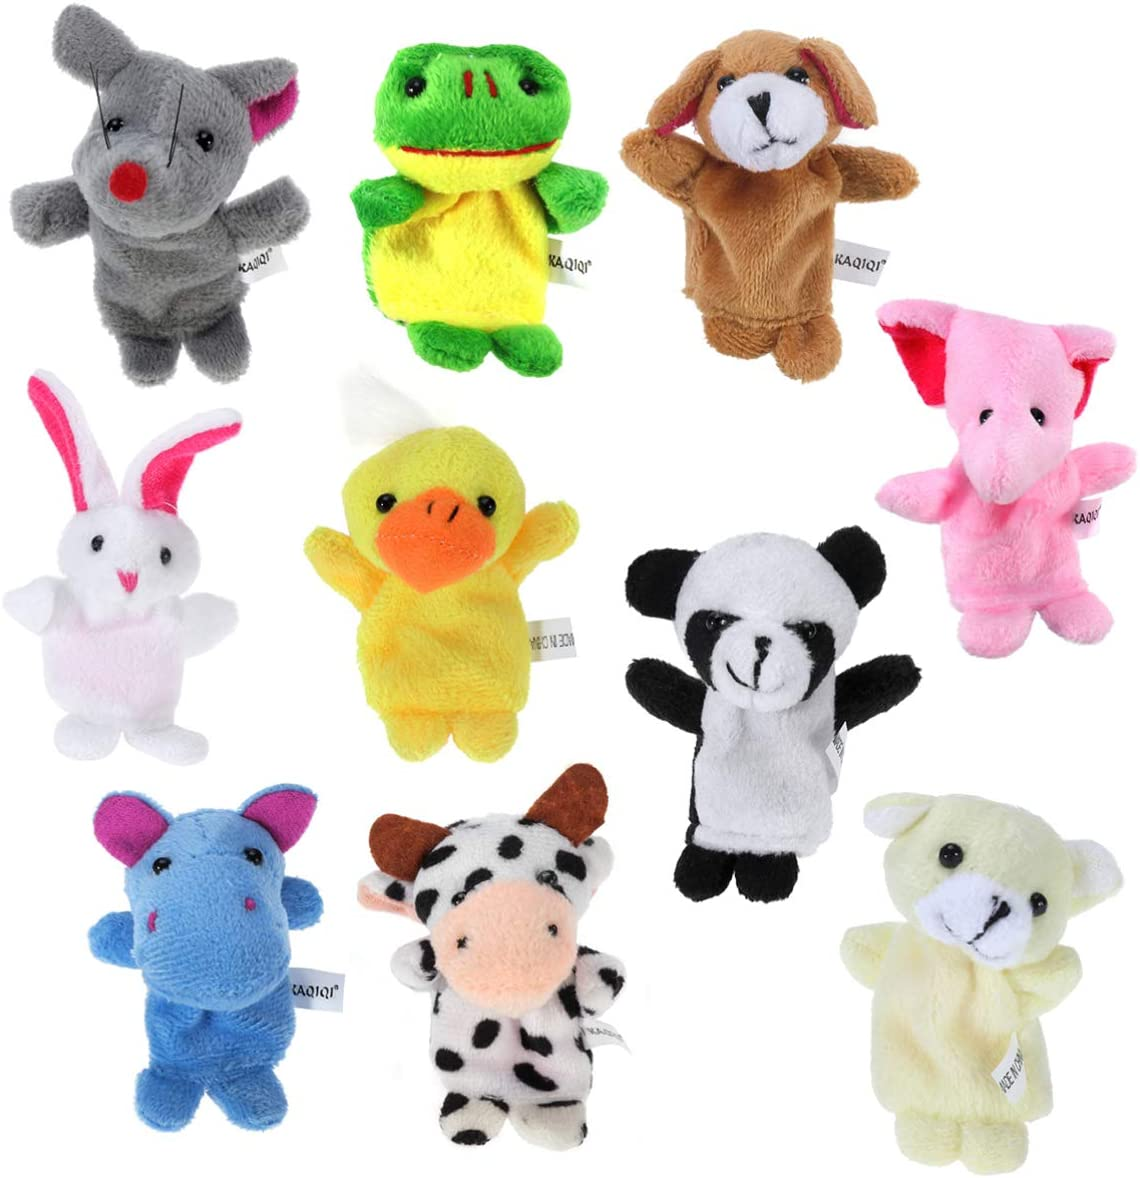 NUOBESTY 10 Piezas Animales Títeres de Dedo Bebé Historia Marionetas Juguetes Mini Figuras de Peluche Juguete Manos Suaves Títeres de Dedo para Niños